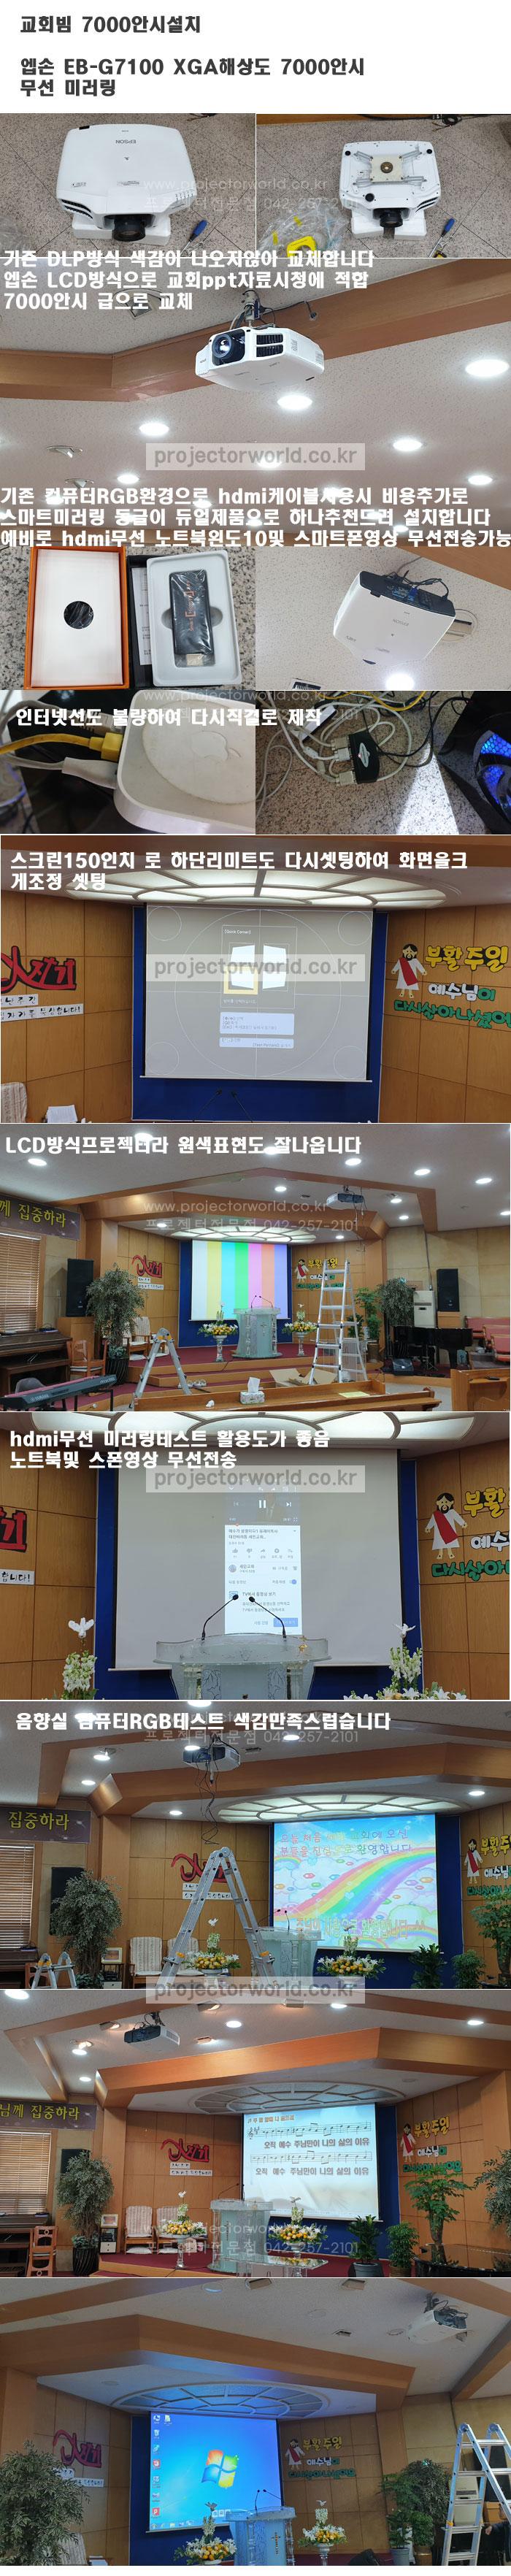 EB-G7100,대전엡손빔,7000안시,lcd방식색감,빔봉브라켓,hdmi,대전프로젝터교회,세종프로젝터빔,